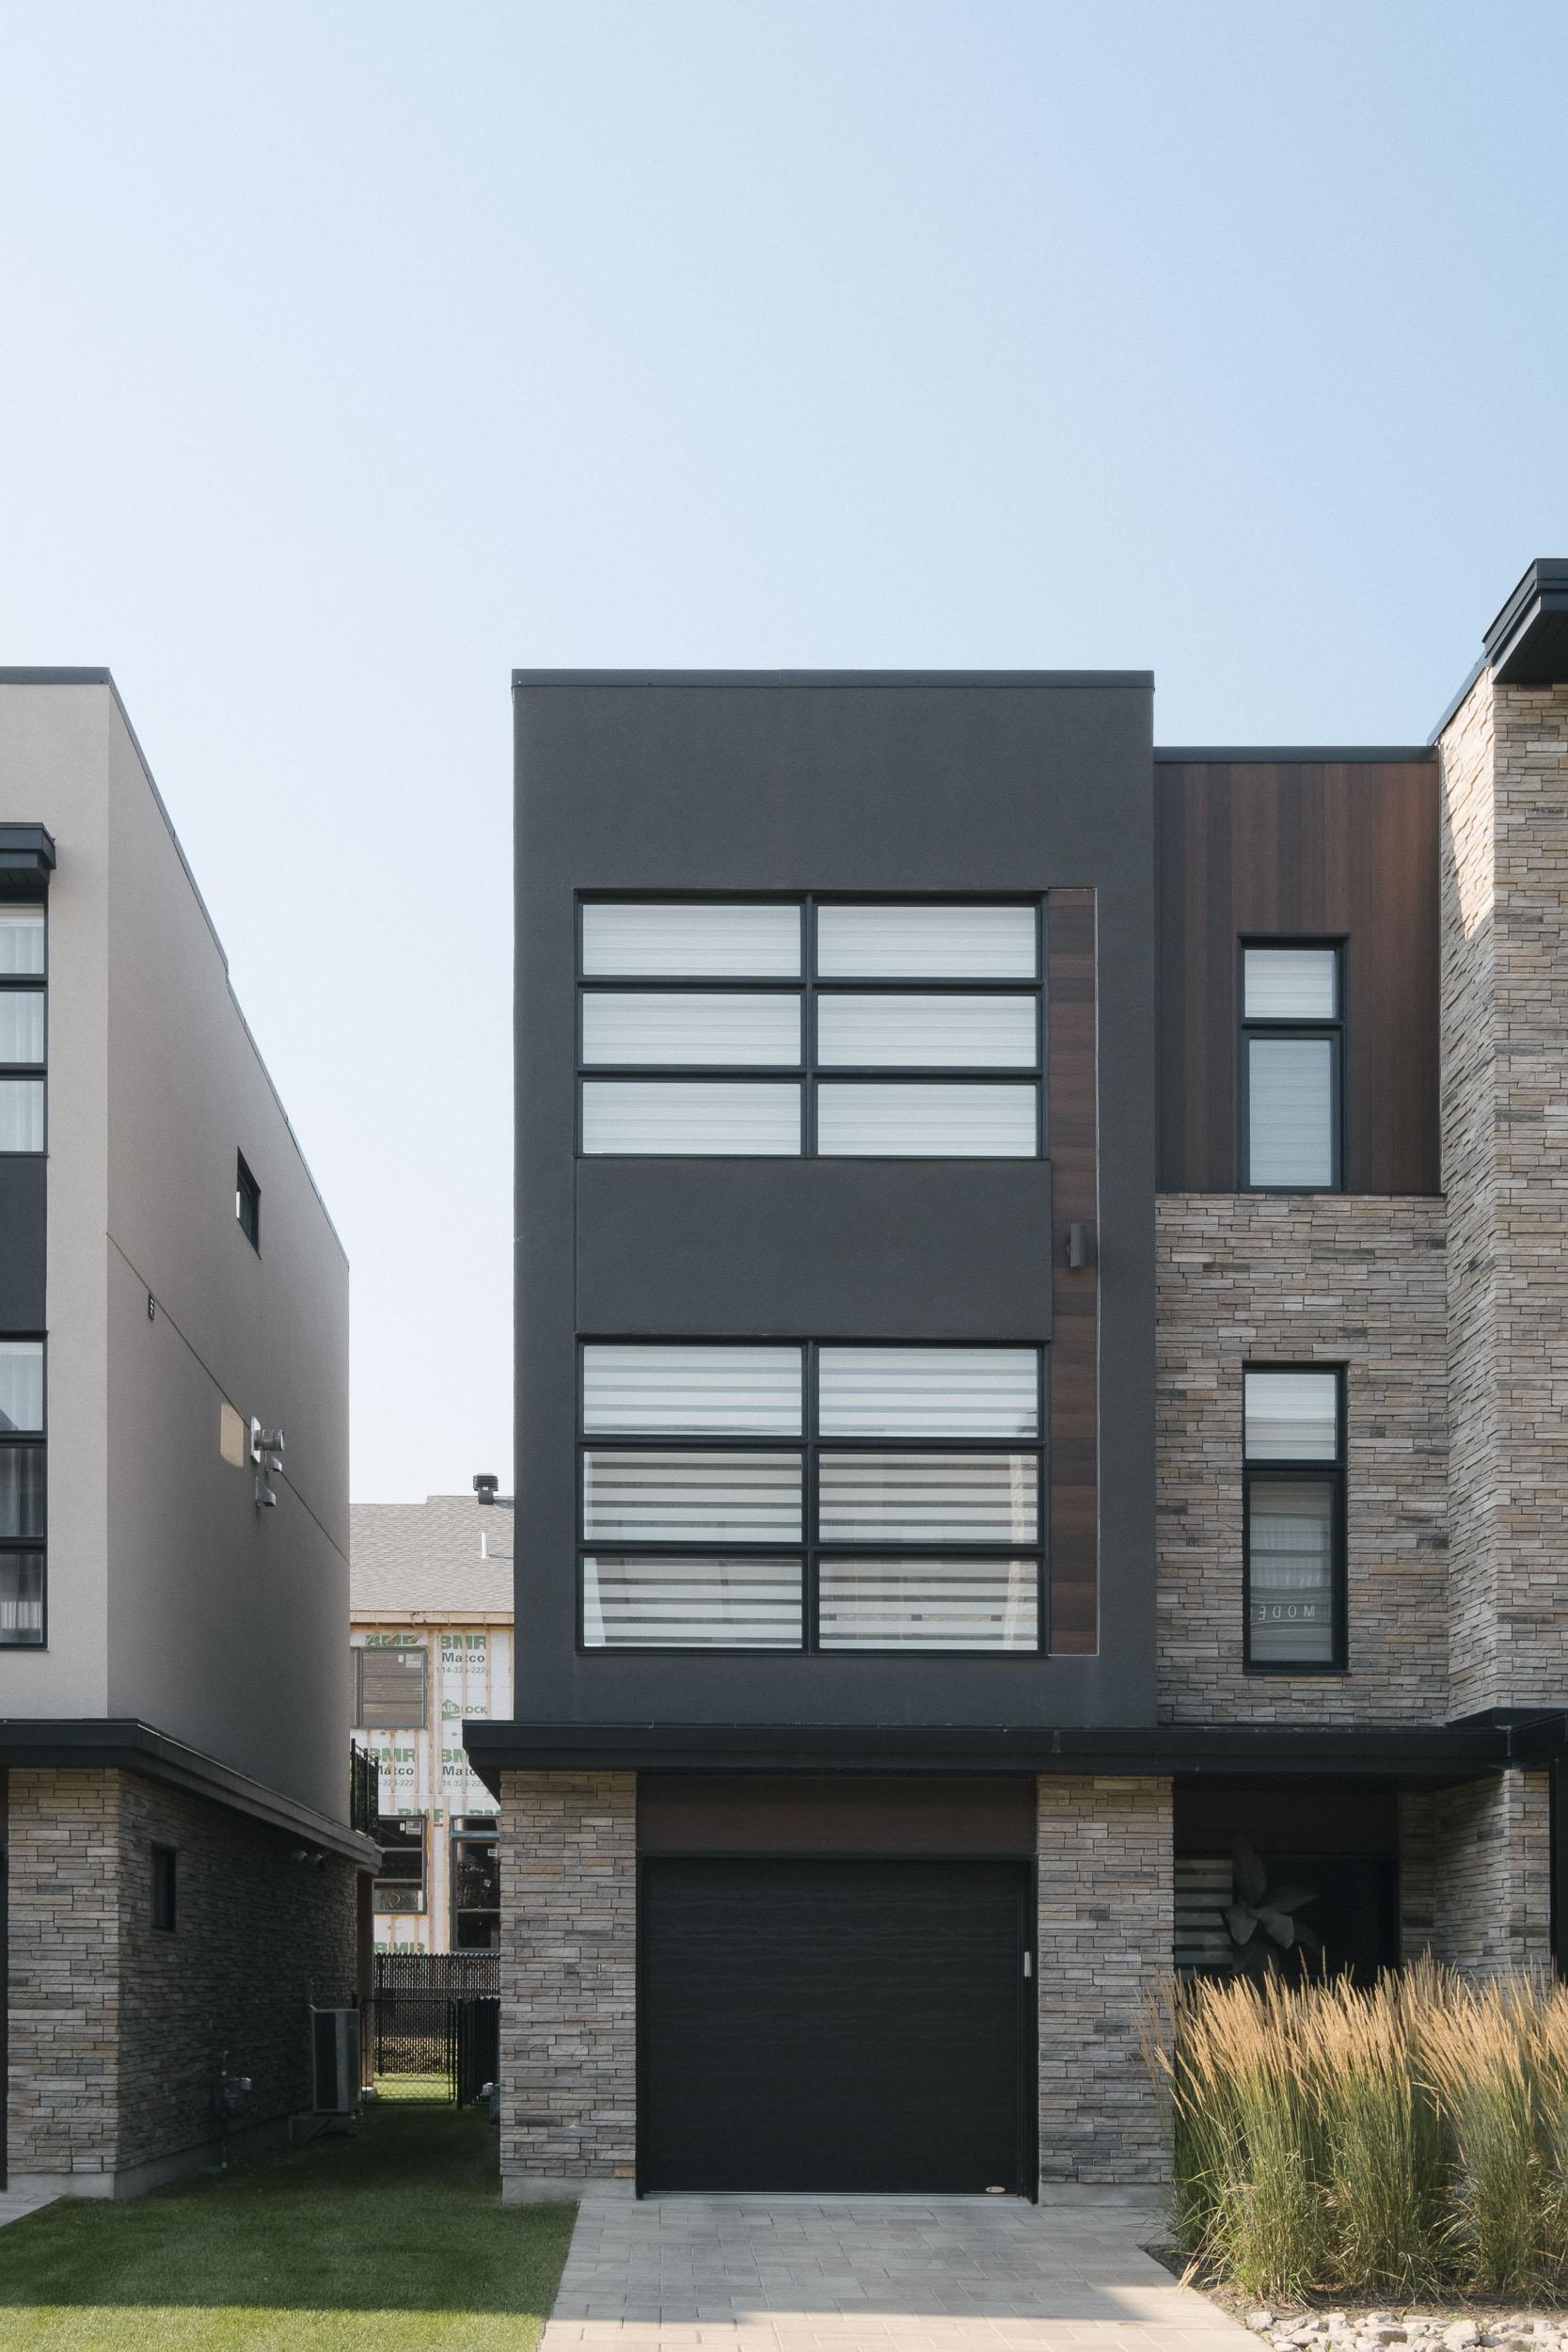 Josee_Marino_Phorographe_Architecture_Montreal-6.jpg